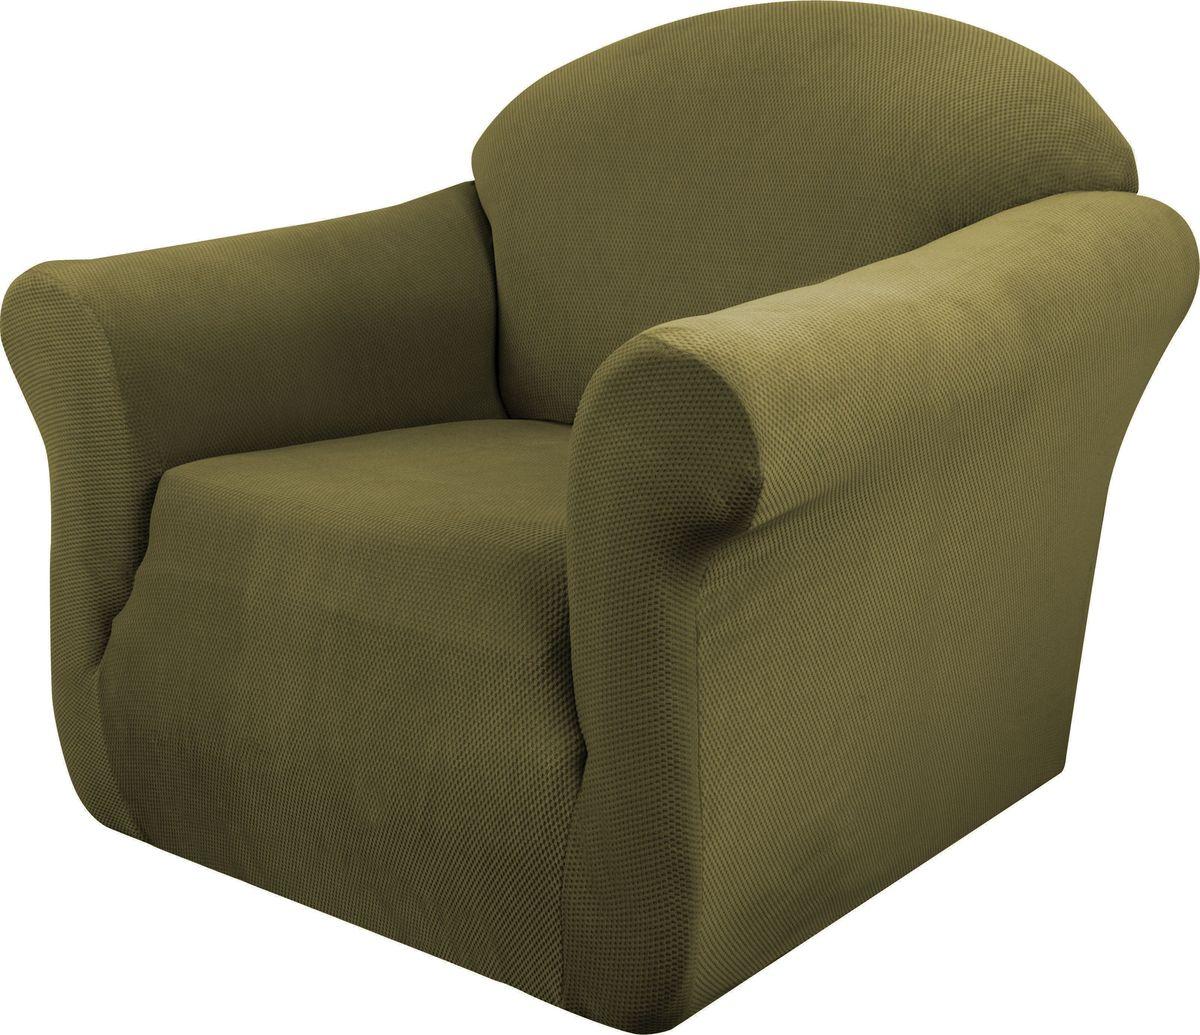 Чехол на кресло Медежда Бирмингем, цвет: оливковыйTHN132NЧехол на кресло Медежда Бирмингем изготовлен из стрейчевого велюра (100% полиэстера). Тонкий геометрический дизайн добавляет уют помещению. Велюр - по праву один из уверенных лидеров среди мебельных тканей. Поверхность велюра приятна для прикосновений. Сочетание нежности и прочности - визитная карточка велюра. Вещи из него даже спустя много лет смотрятся, как новые. Чехол легко растягивается и хорошо принимает форму кресла, подходит для большинства стандартных кресел с шириной спинки от 80 см до 110 см и высотой не более 95 см. За счет специальных фиксаторов чехол прочно держится на мебели, не съезжает и не соскальзывает. Имеется инструкция в картинках по установке чехла.